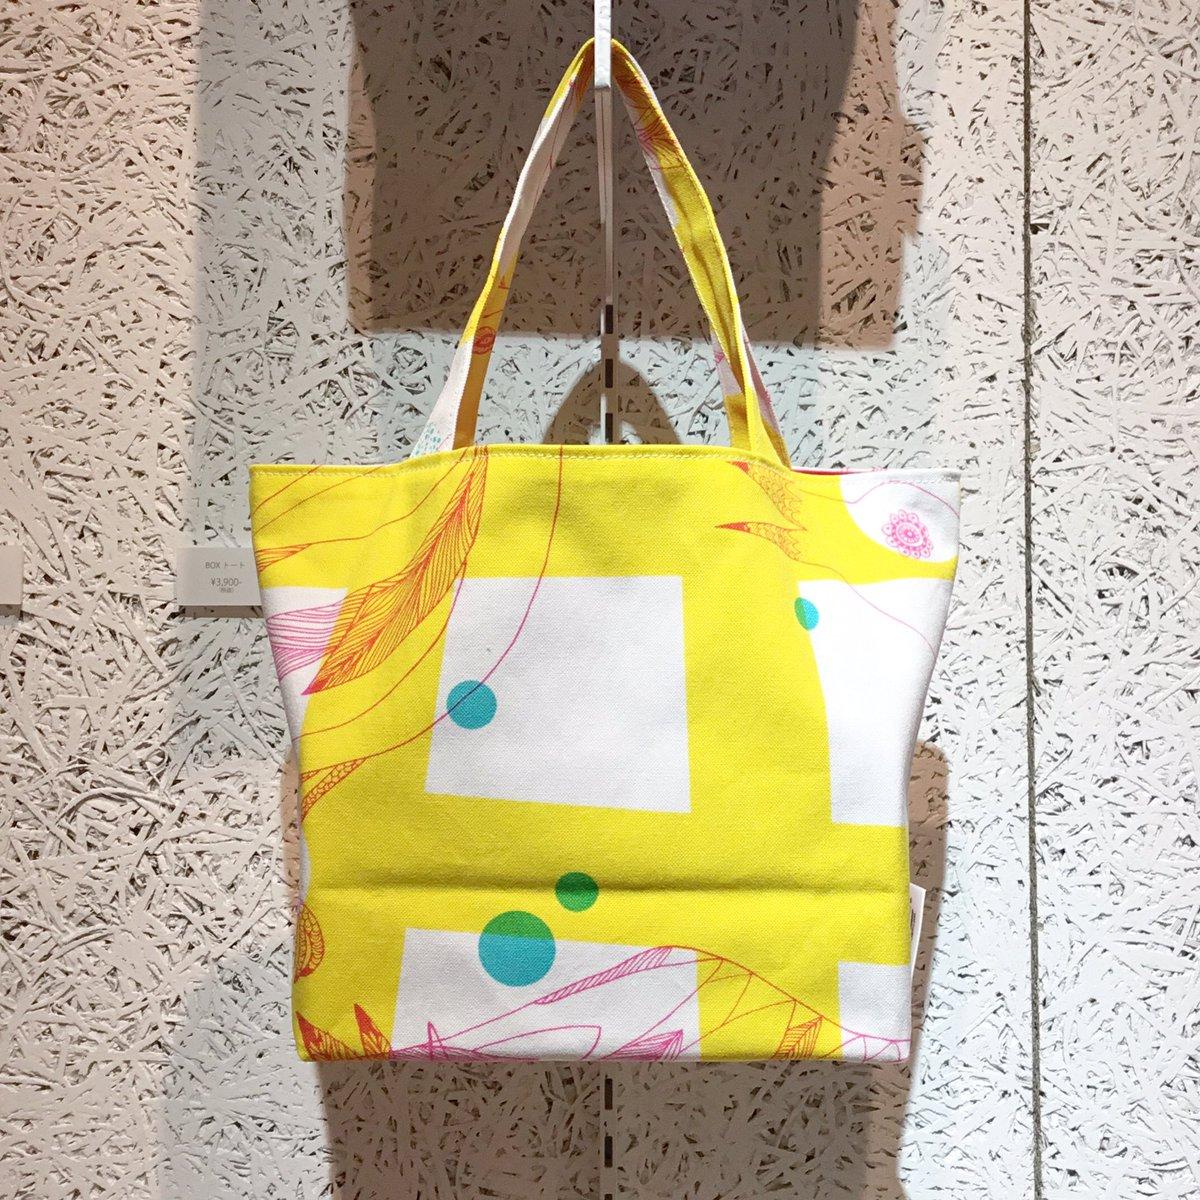 こんばんは。 本日もご来店ありがとうございました。 3/28、29 は臨時休業とさせていただきます。  #lightcube #textile #ライトキューブ #テキスタイル #西荻窪 #春 #birdpic.twitter.com/R0amKdSy6y